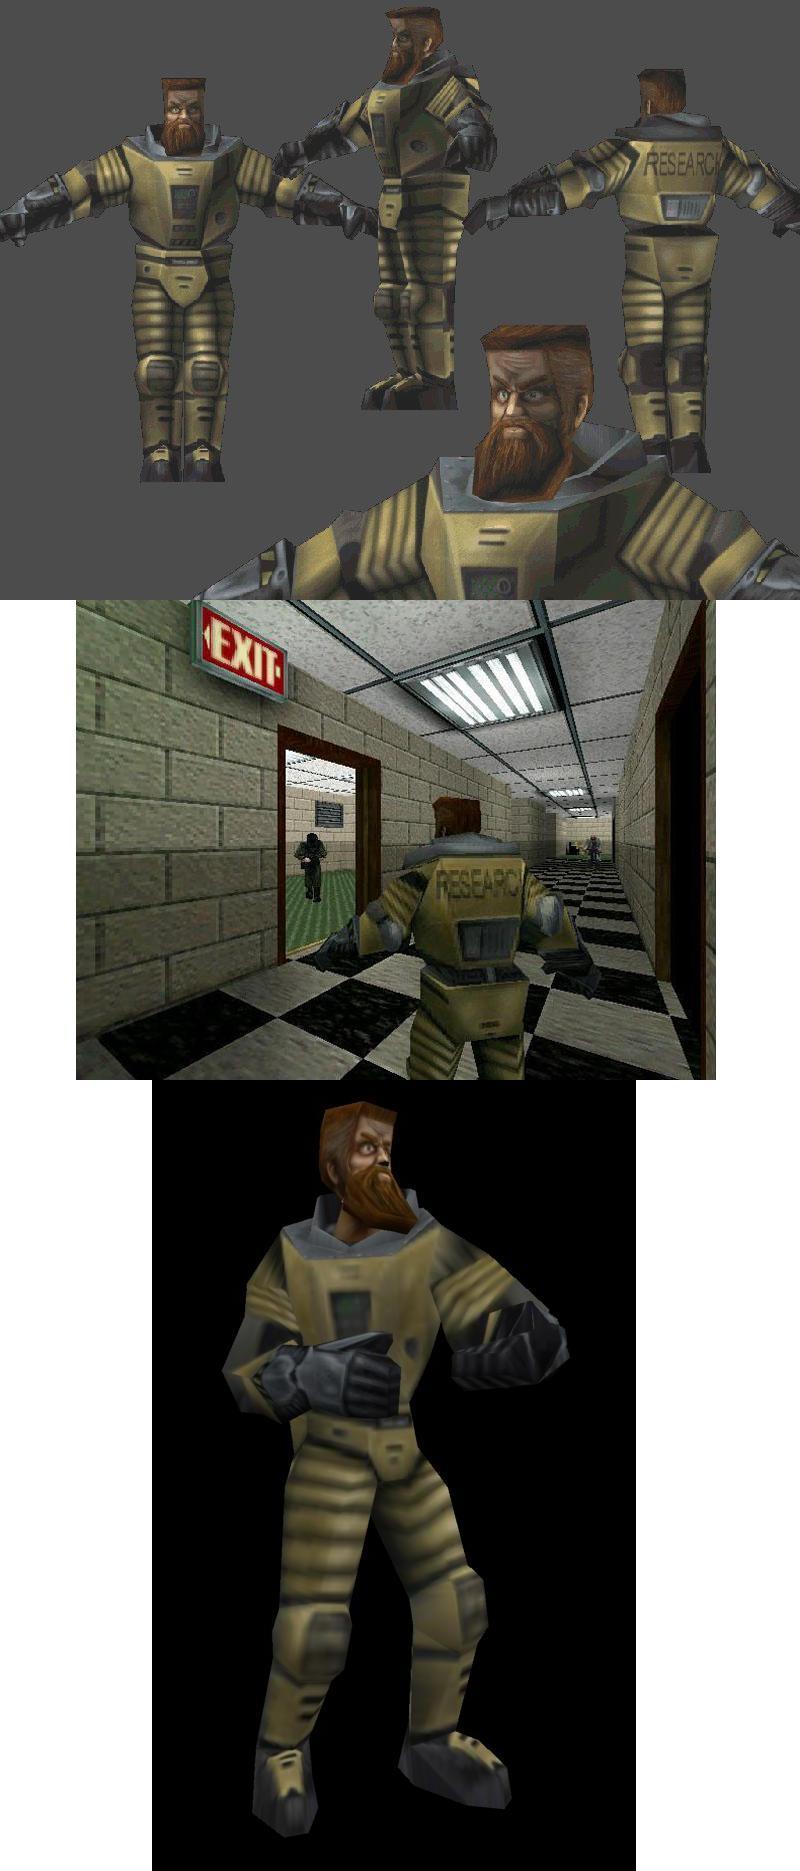 Всё что относится к вселенной Half Life. - Half-Life бомж, Гордон Фримен